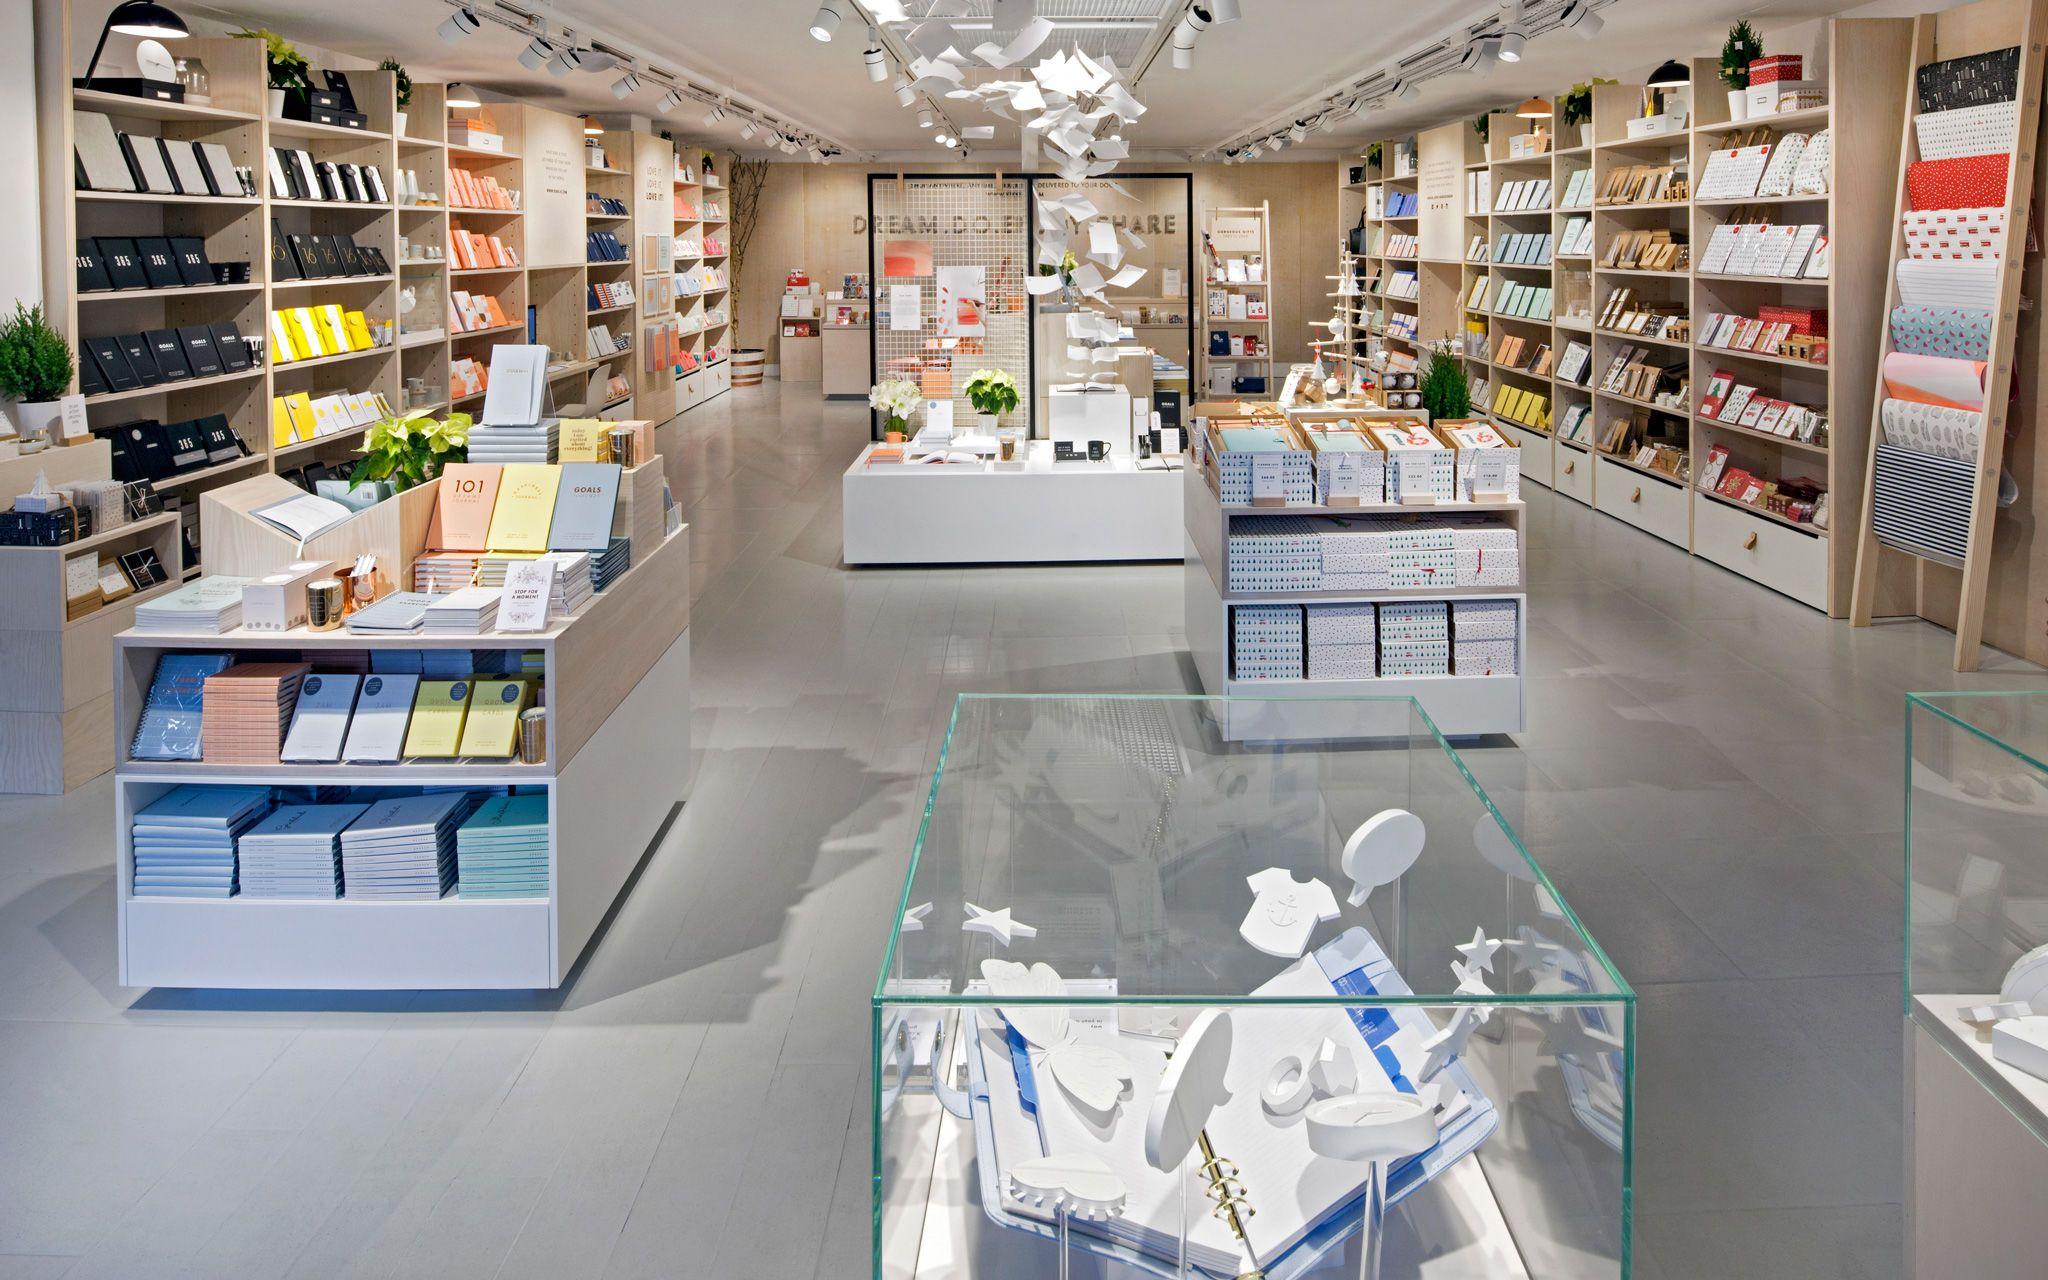 Kikki K Pop Up London Retail Design Retail Interior Design Store Design